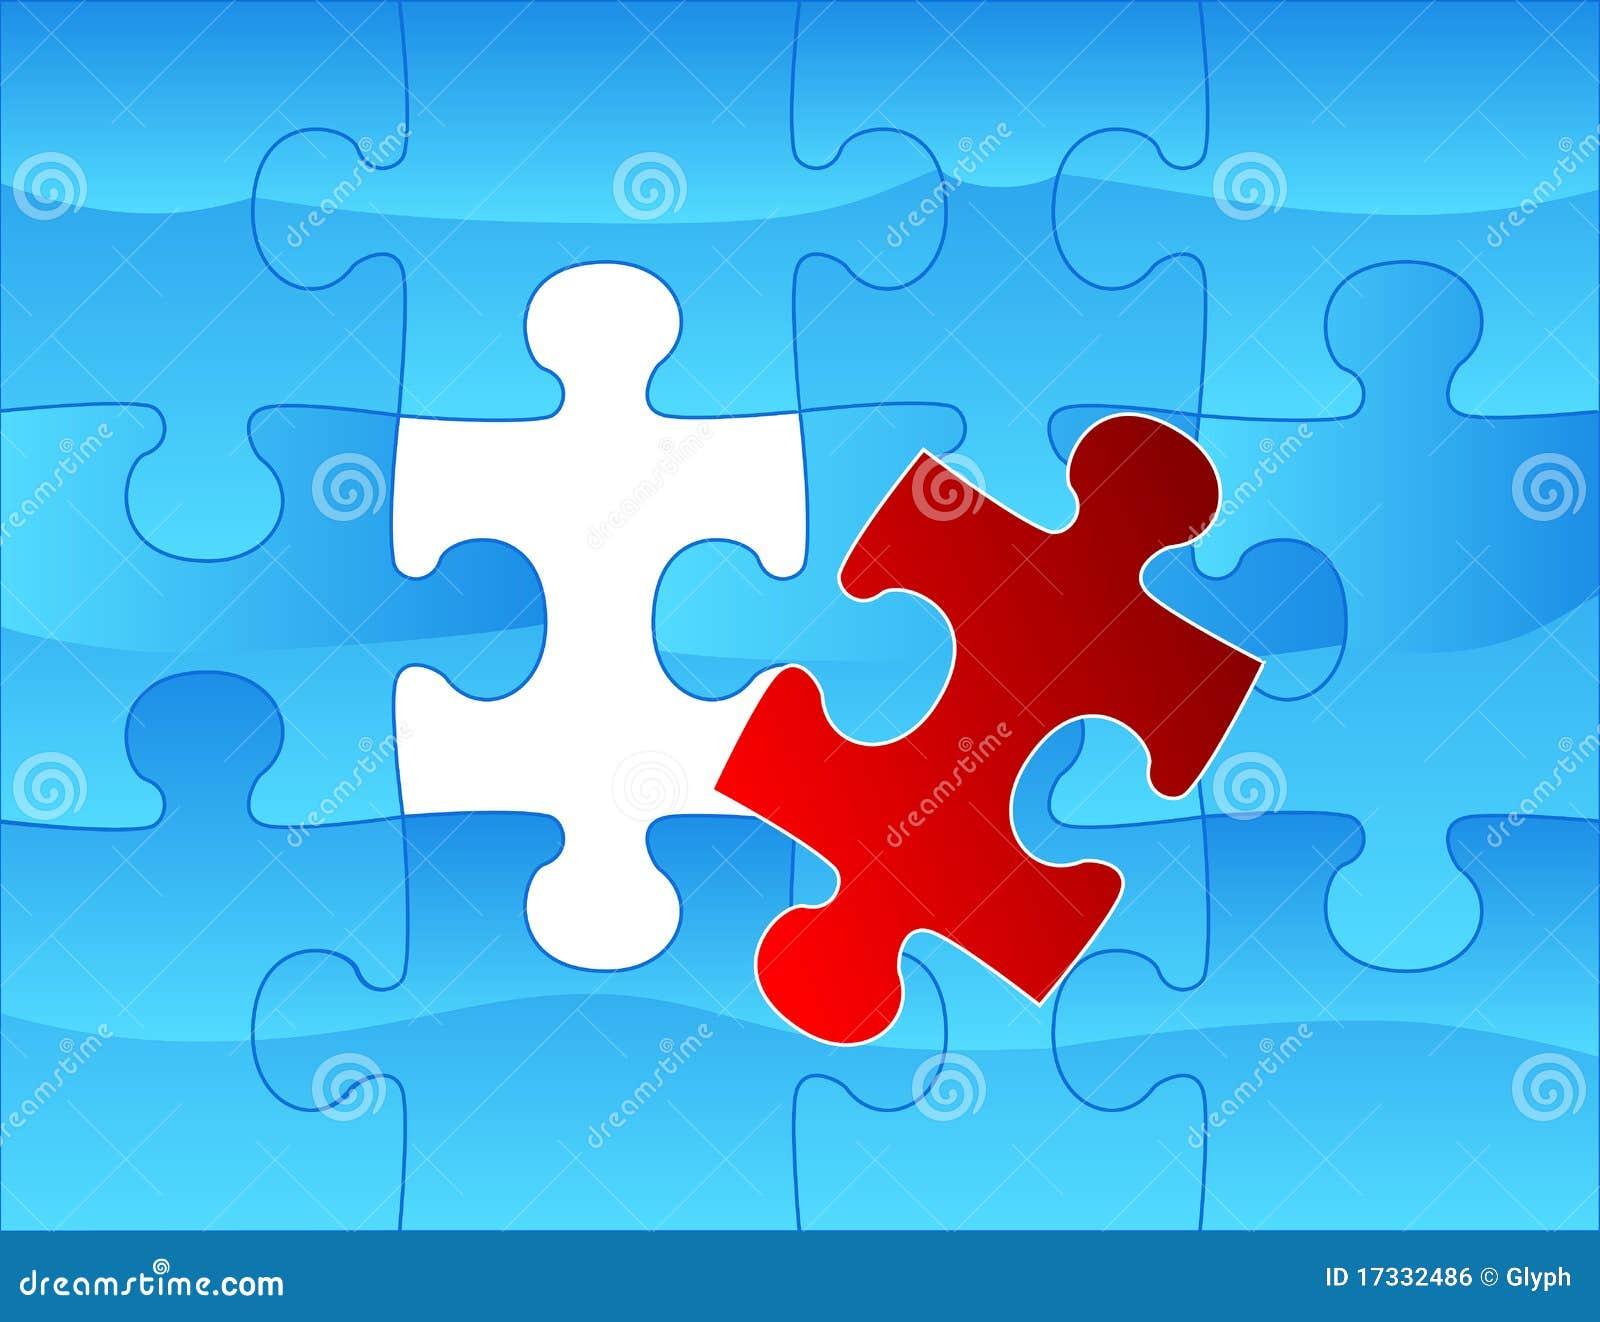 Elegant Web2 Style Puzzle Background Royalty Free Stock